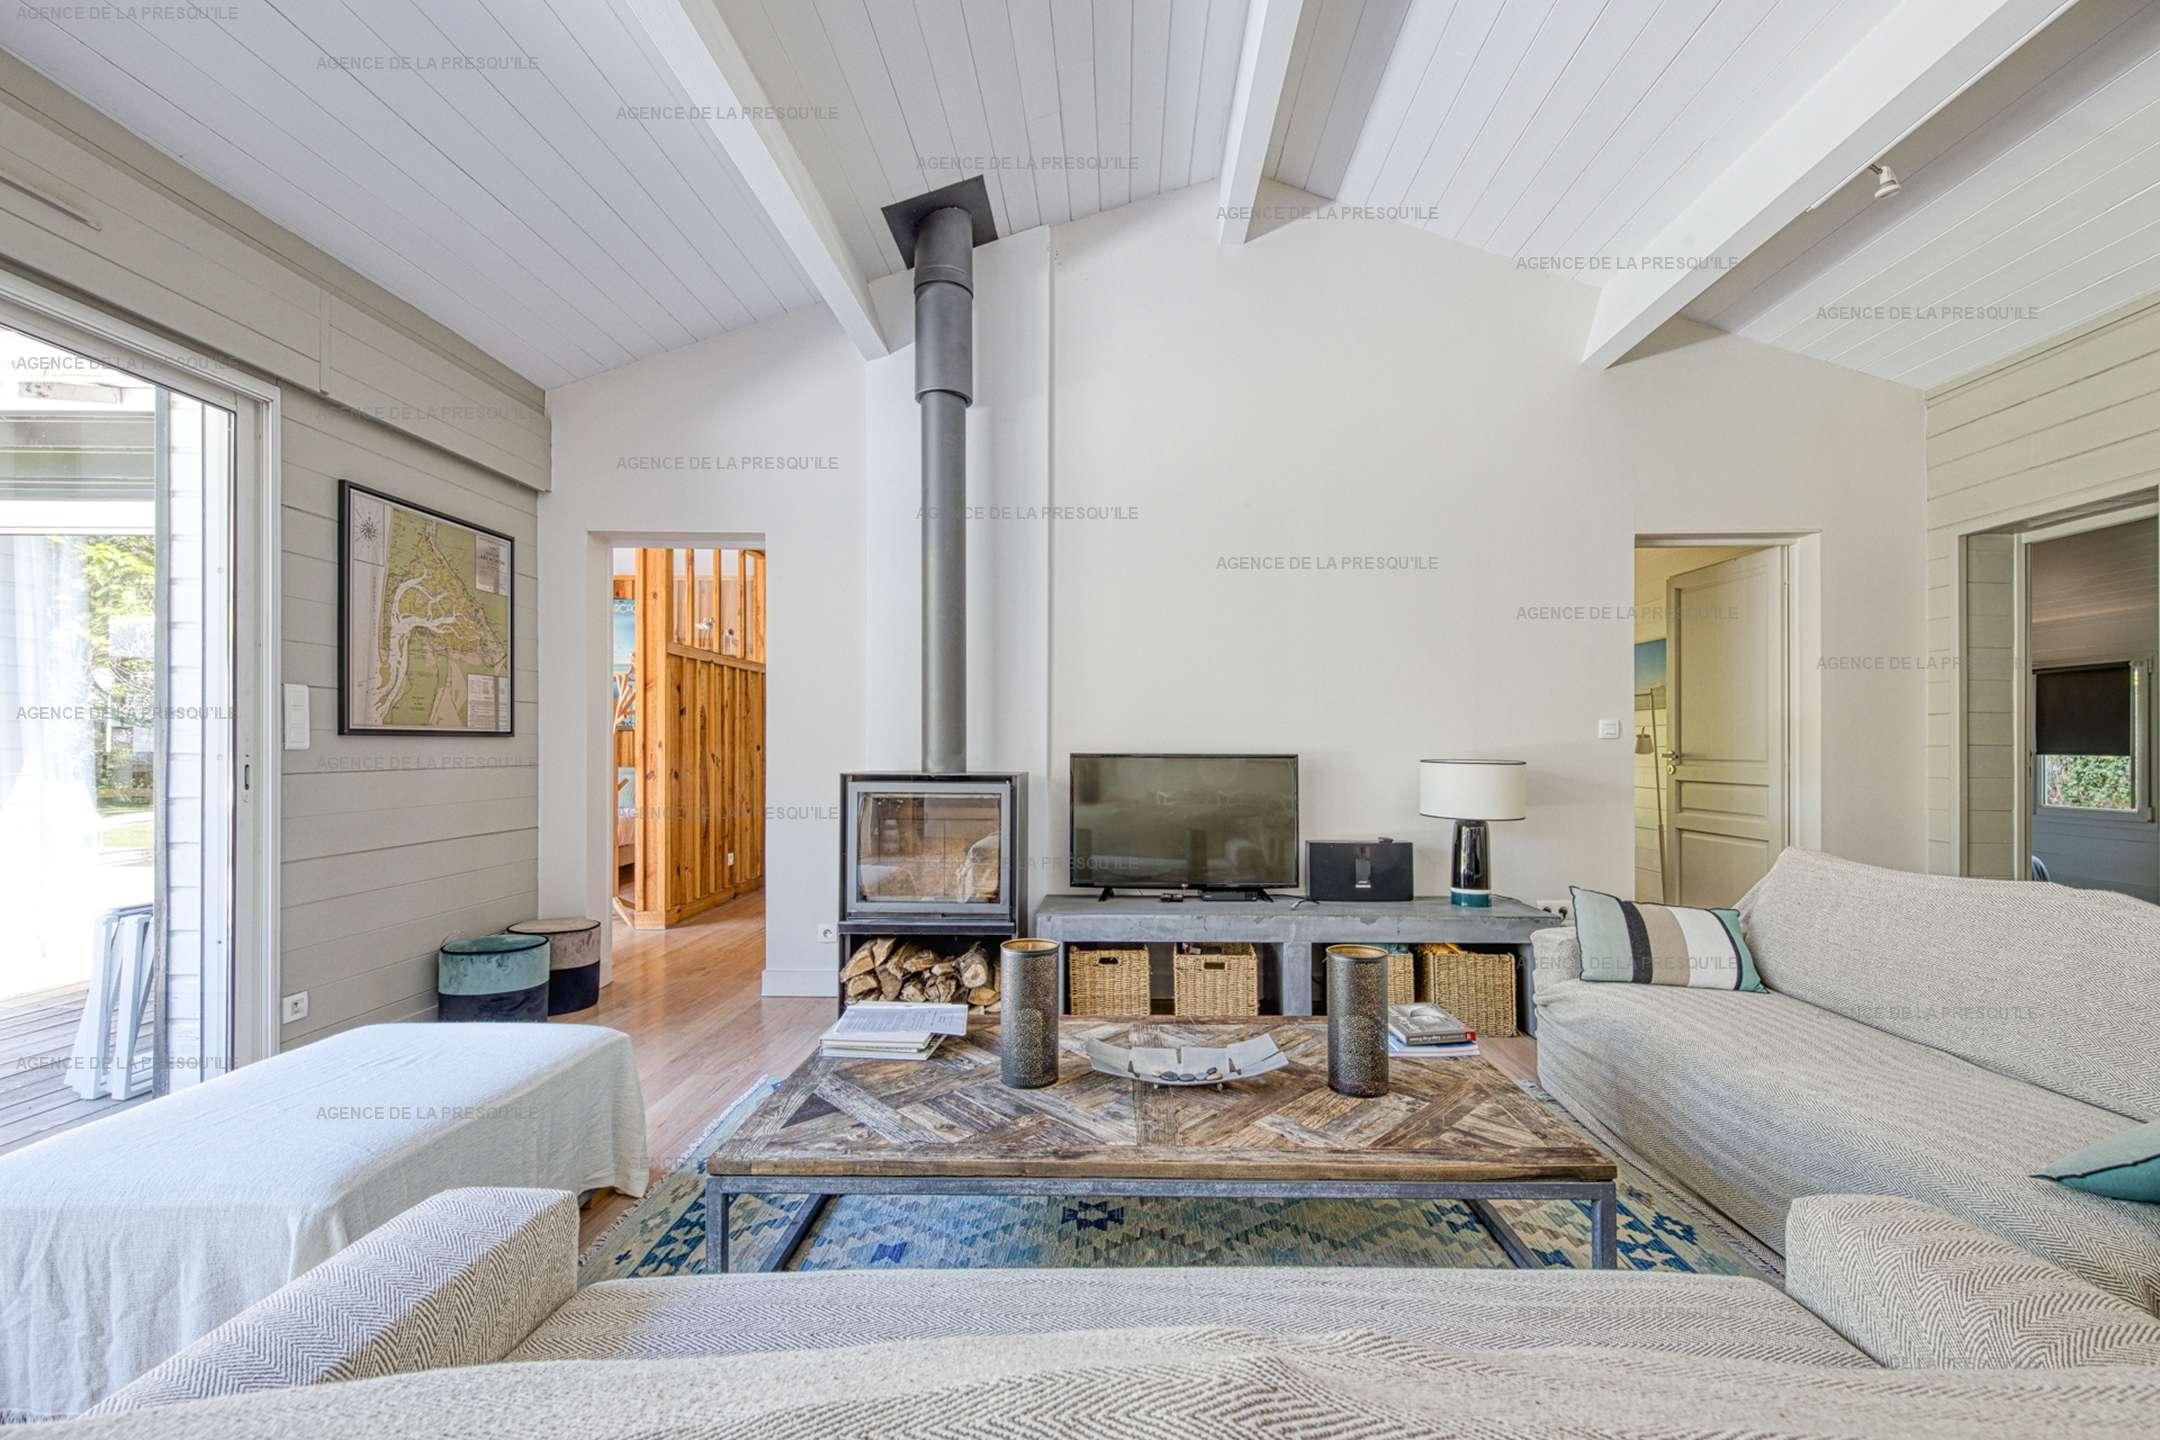 Location: Au calme, très belle villa en bois avec piscine chauffée 5